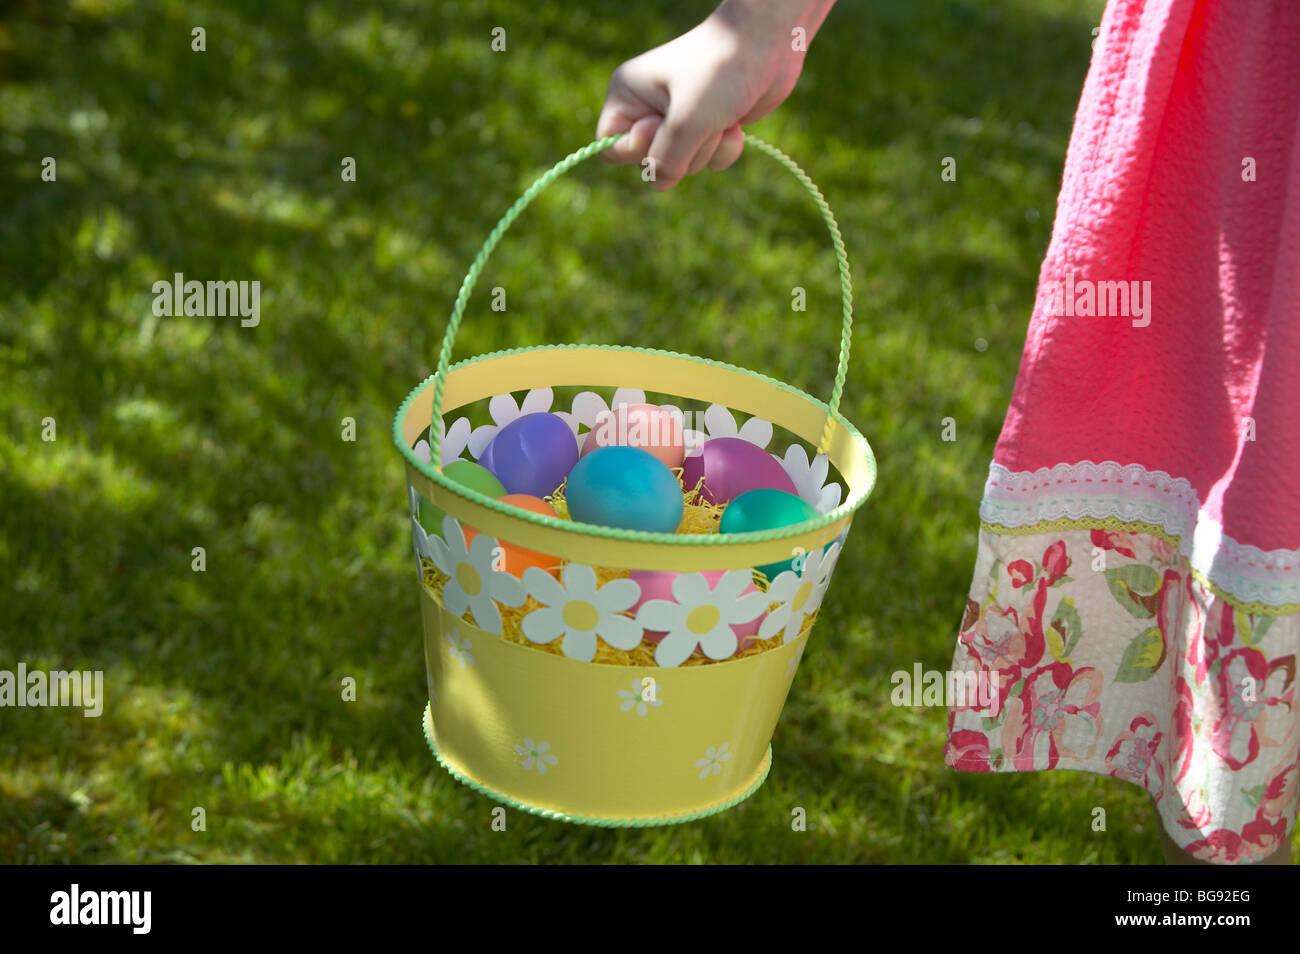 Girl holding easter egg dans panier en marchant sur la pelouse Photo Stock